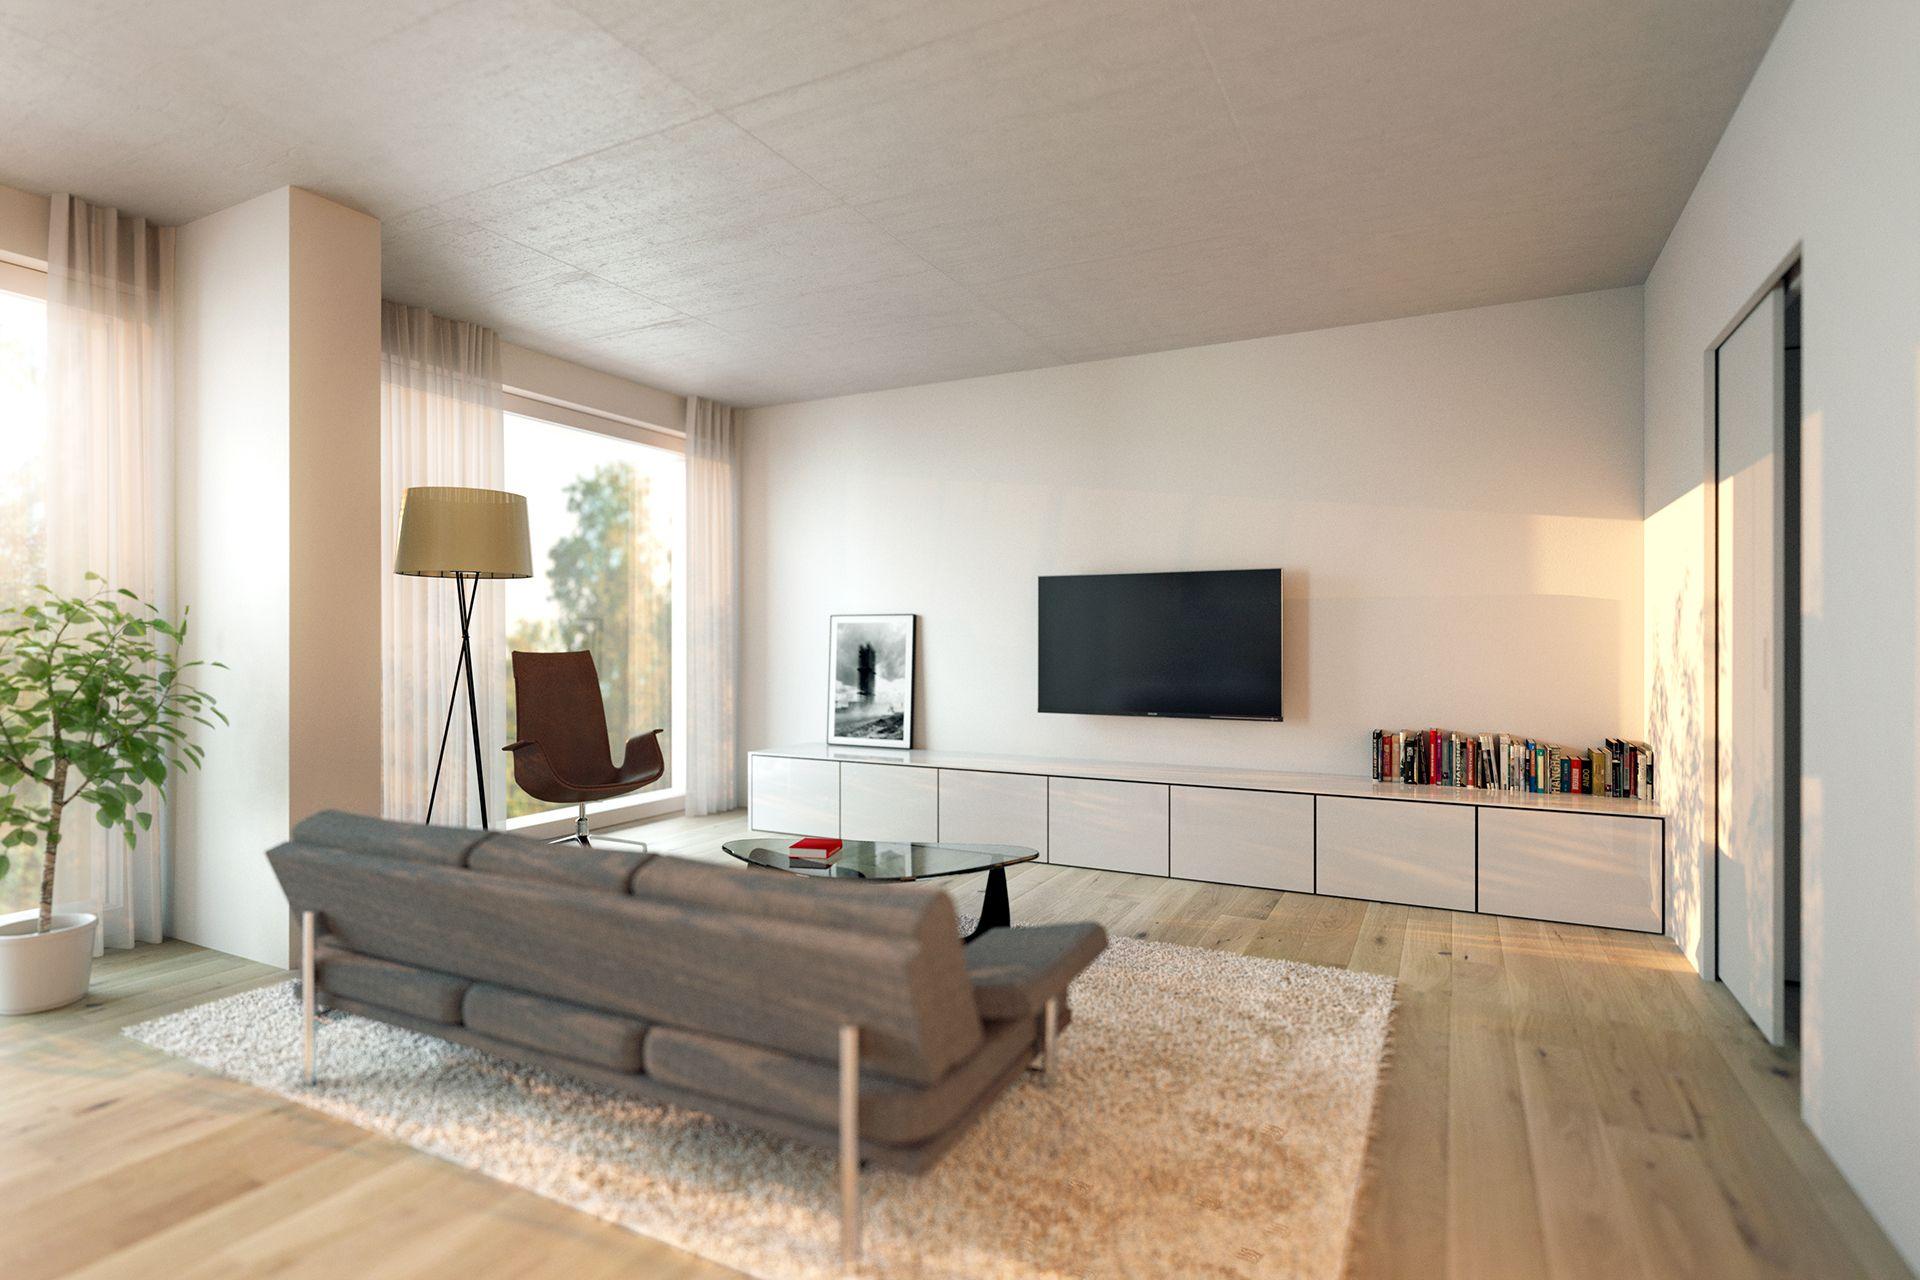 Interiorvisualisierung: Wohnzimmer von Wohnung Kardinal-Nagl-Platz, Wien-Landstrasse